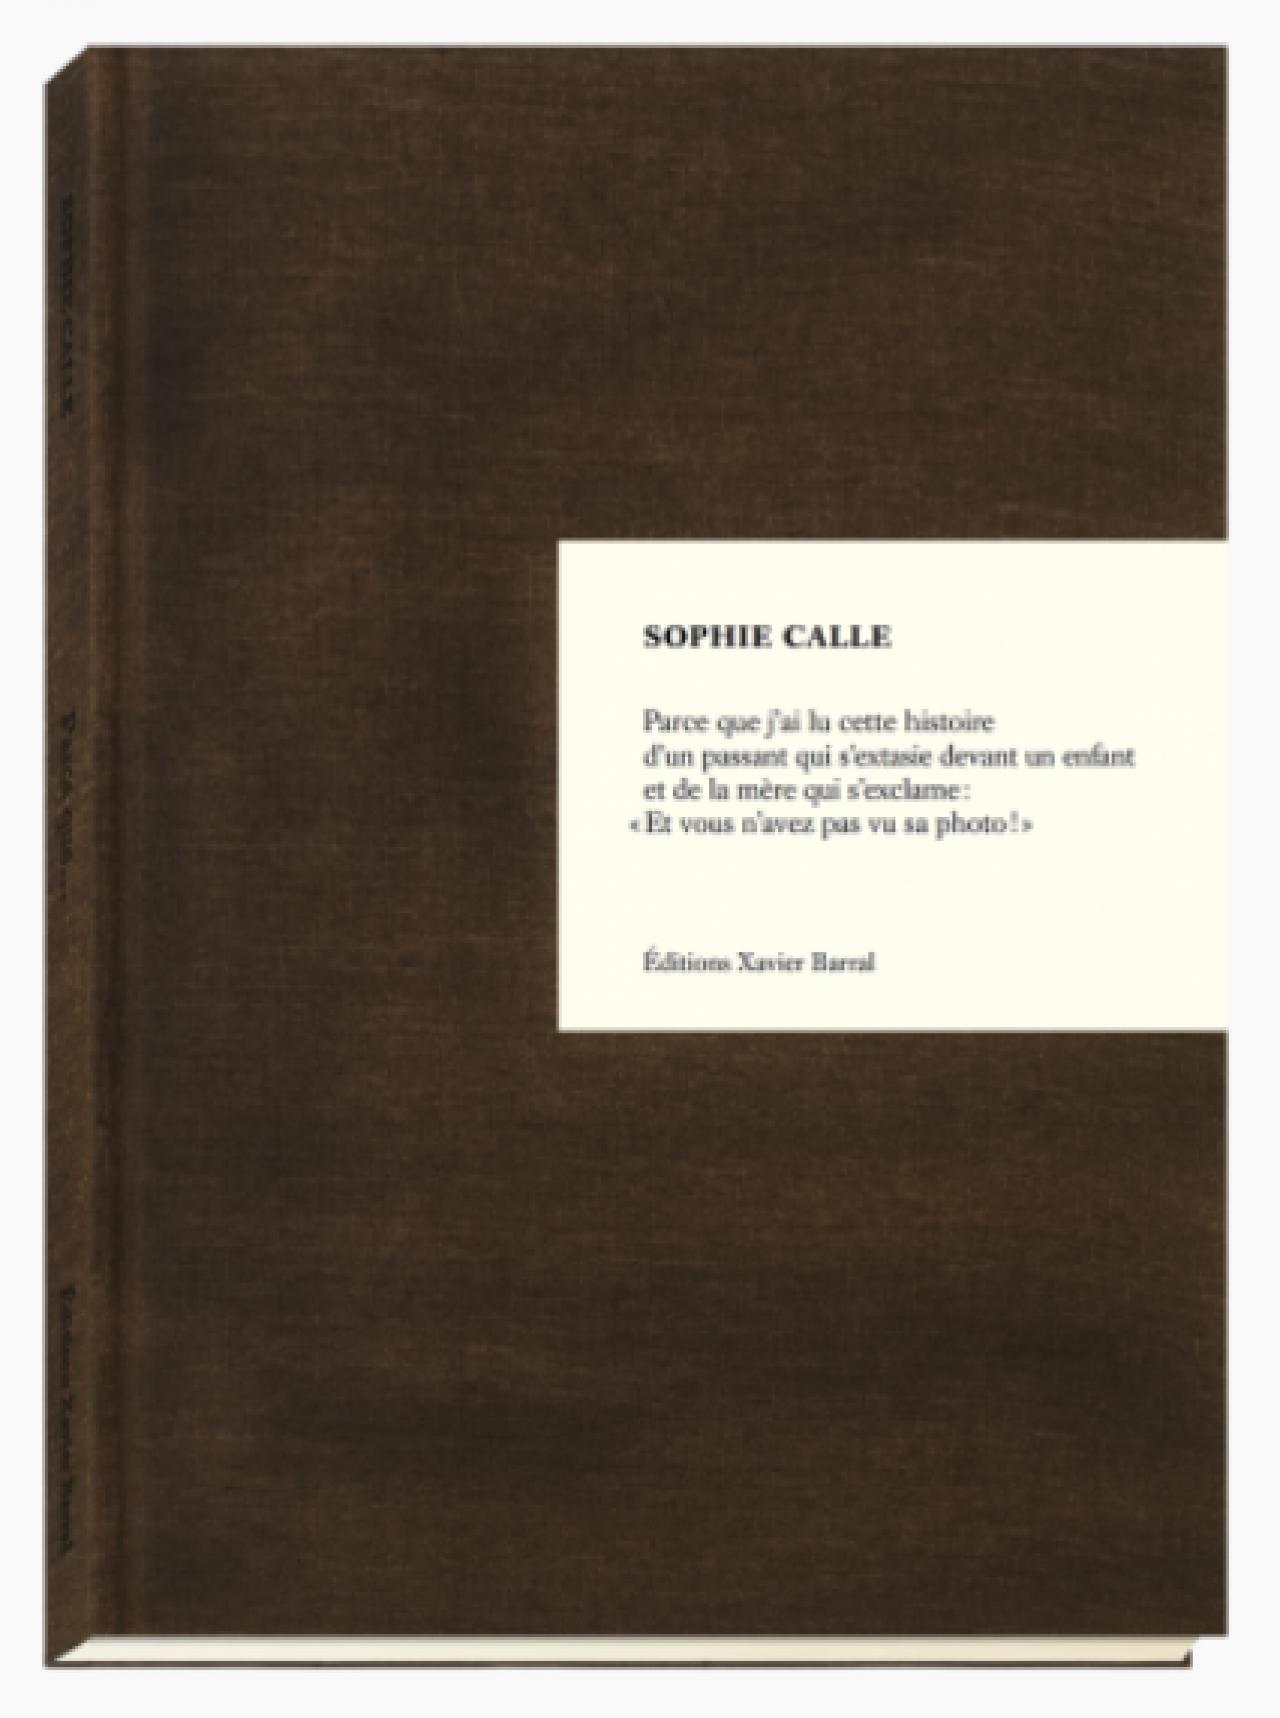 Sophie Calle: Parce Que